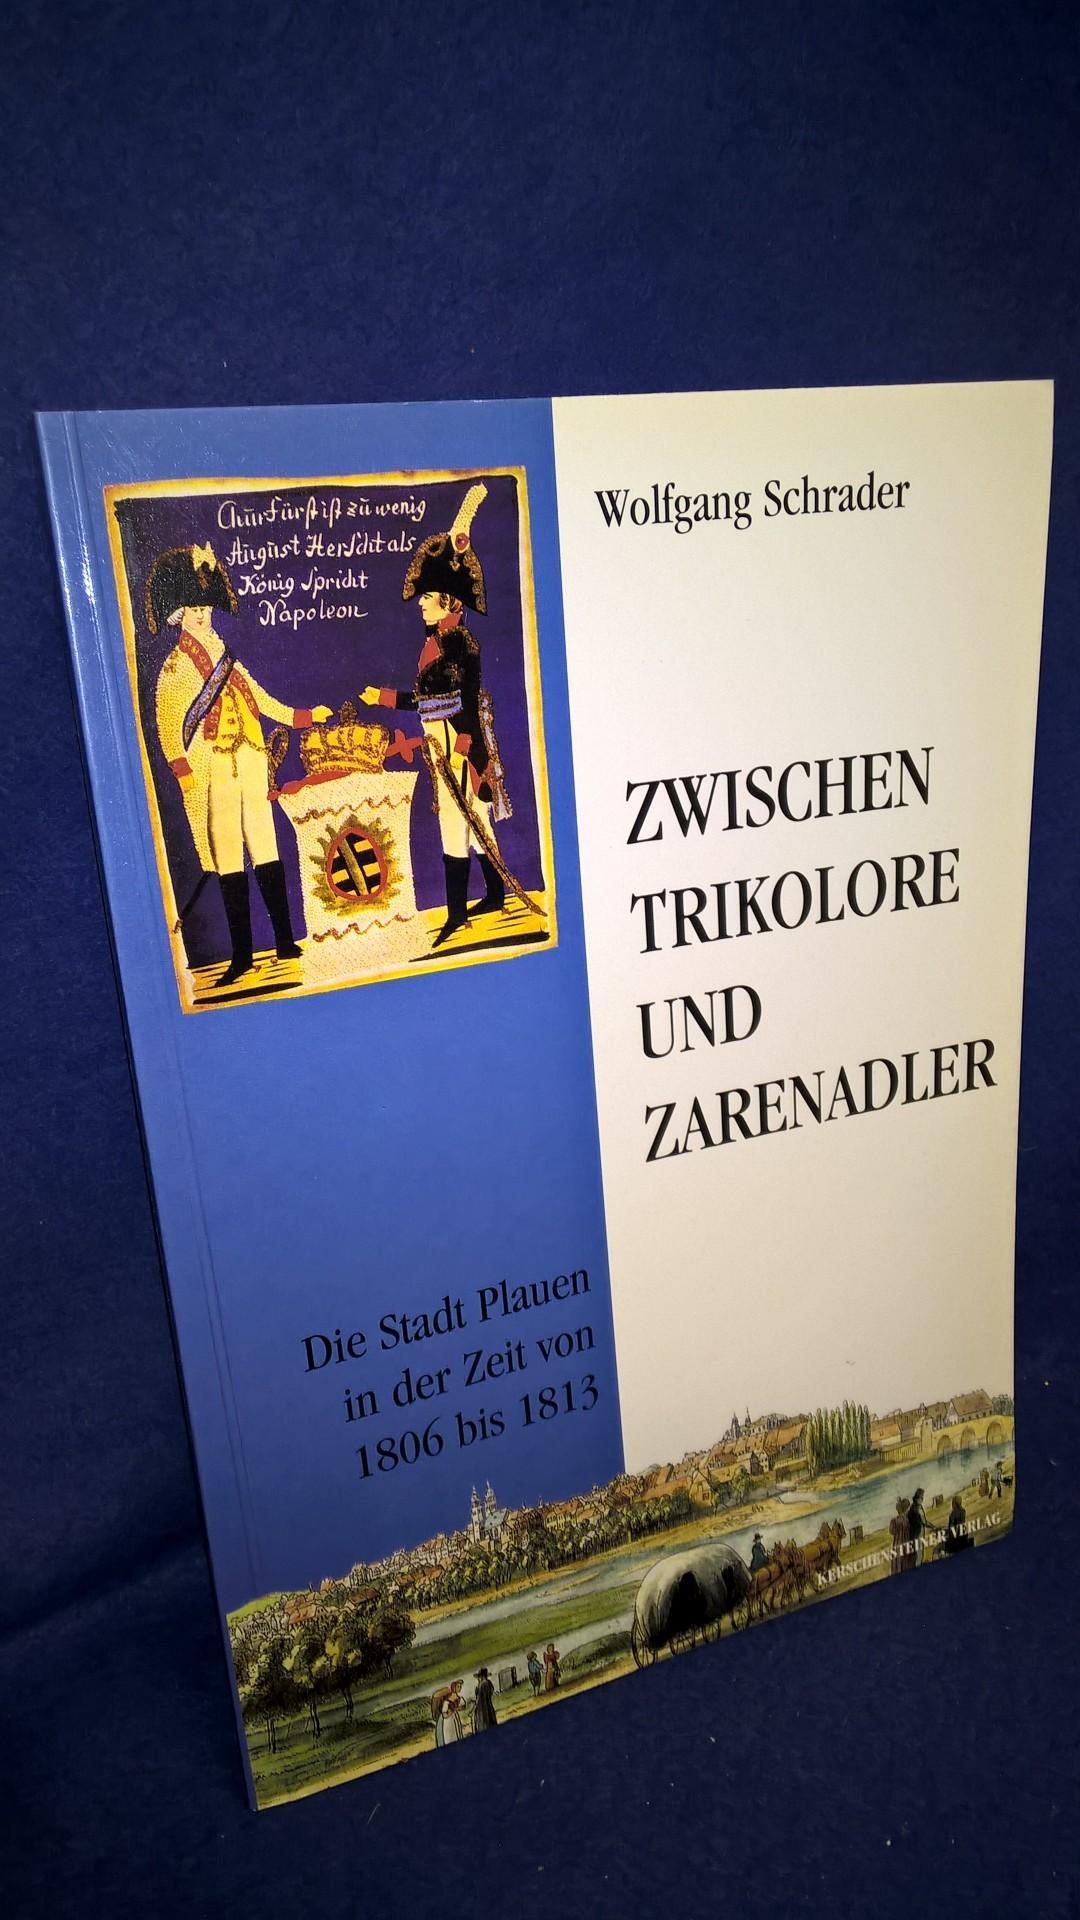 Zwischen Trikolore und Zarenadler. Die Stadt Plauen in der Zeit von 1806 bis 1813.